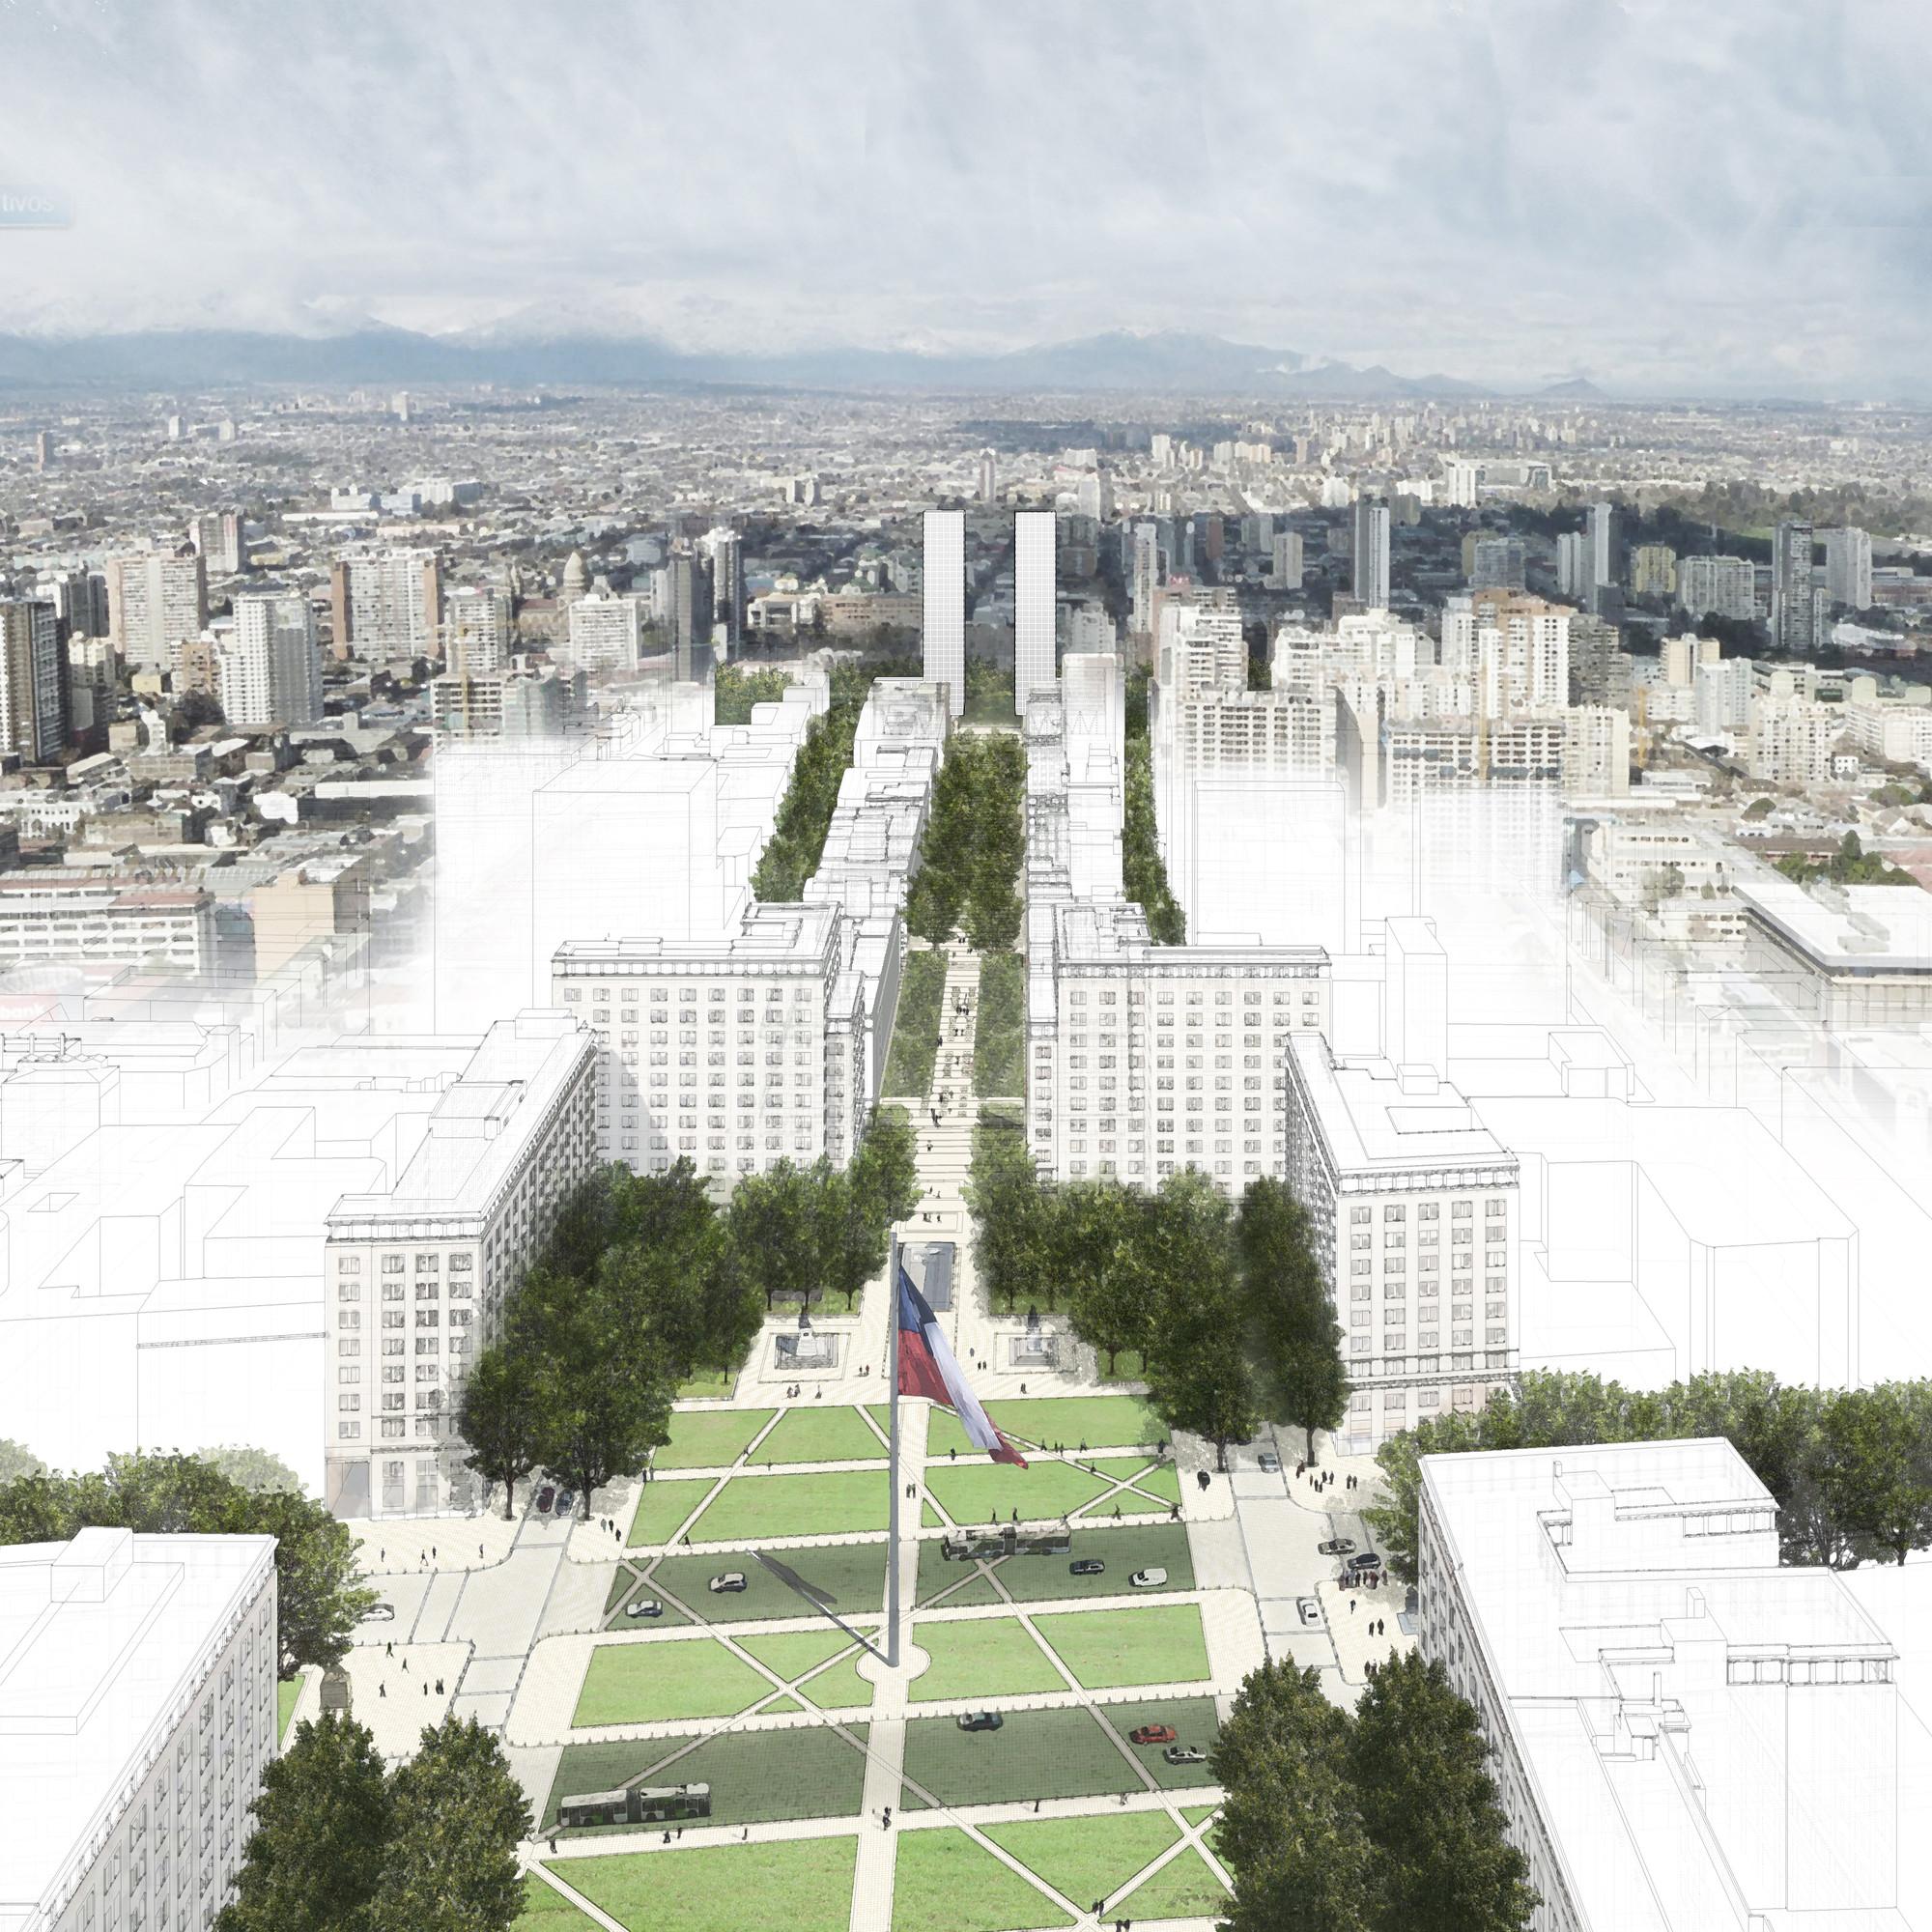 Resultados del Concurso Internacional de ideas para el Plan Maestro Eje Bulnes, Cortesia de Gobierno de Chile